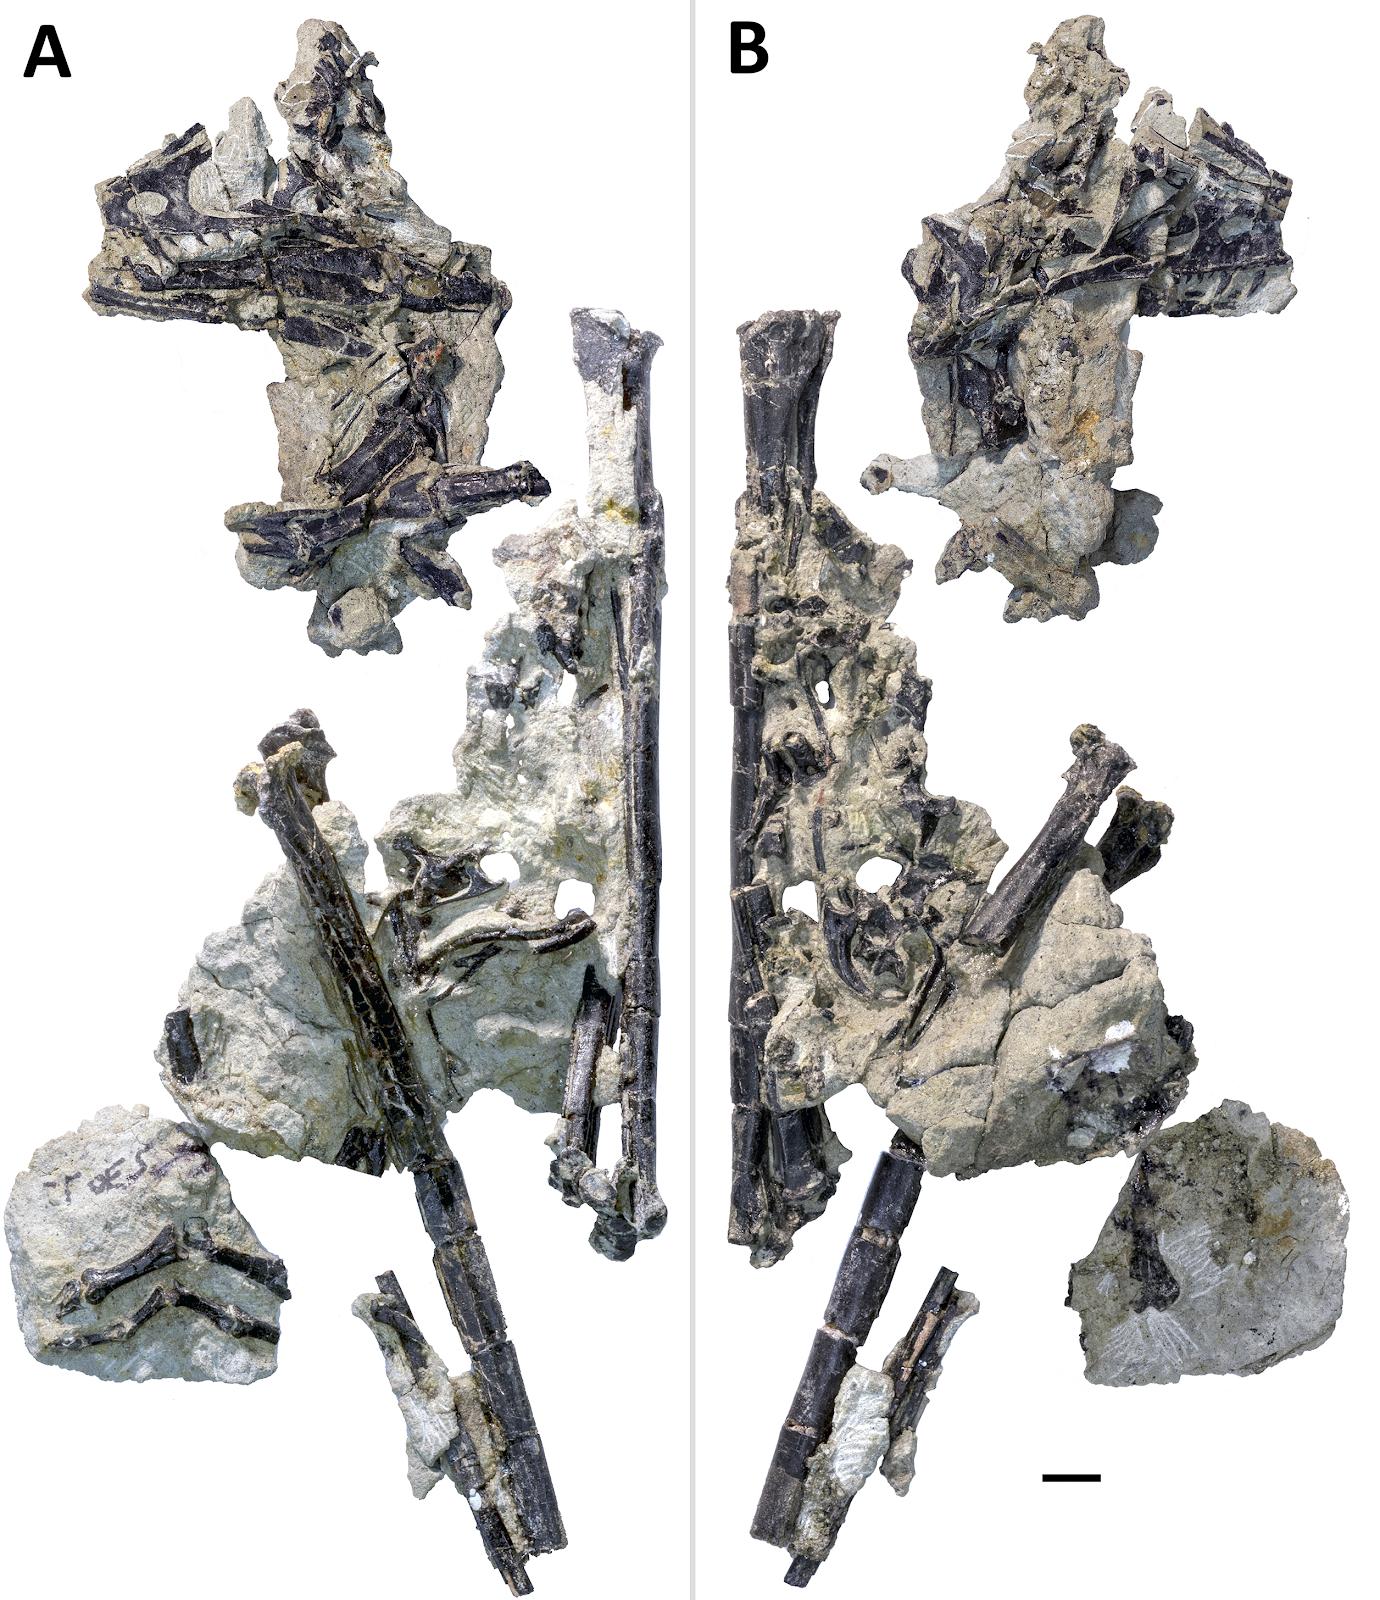 hesperornithoides-fossziliak_01_scott_hartman_tarsai.png